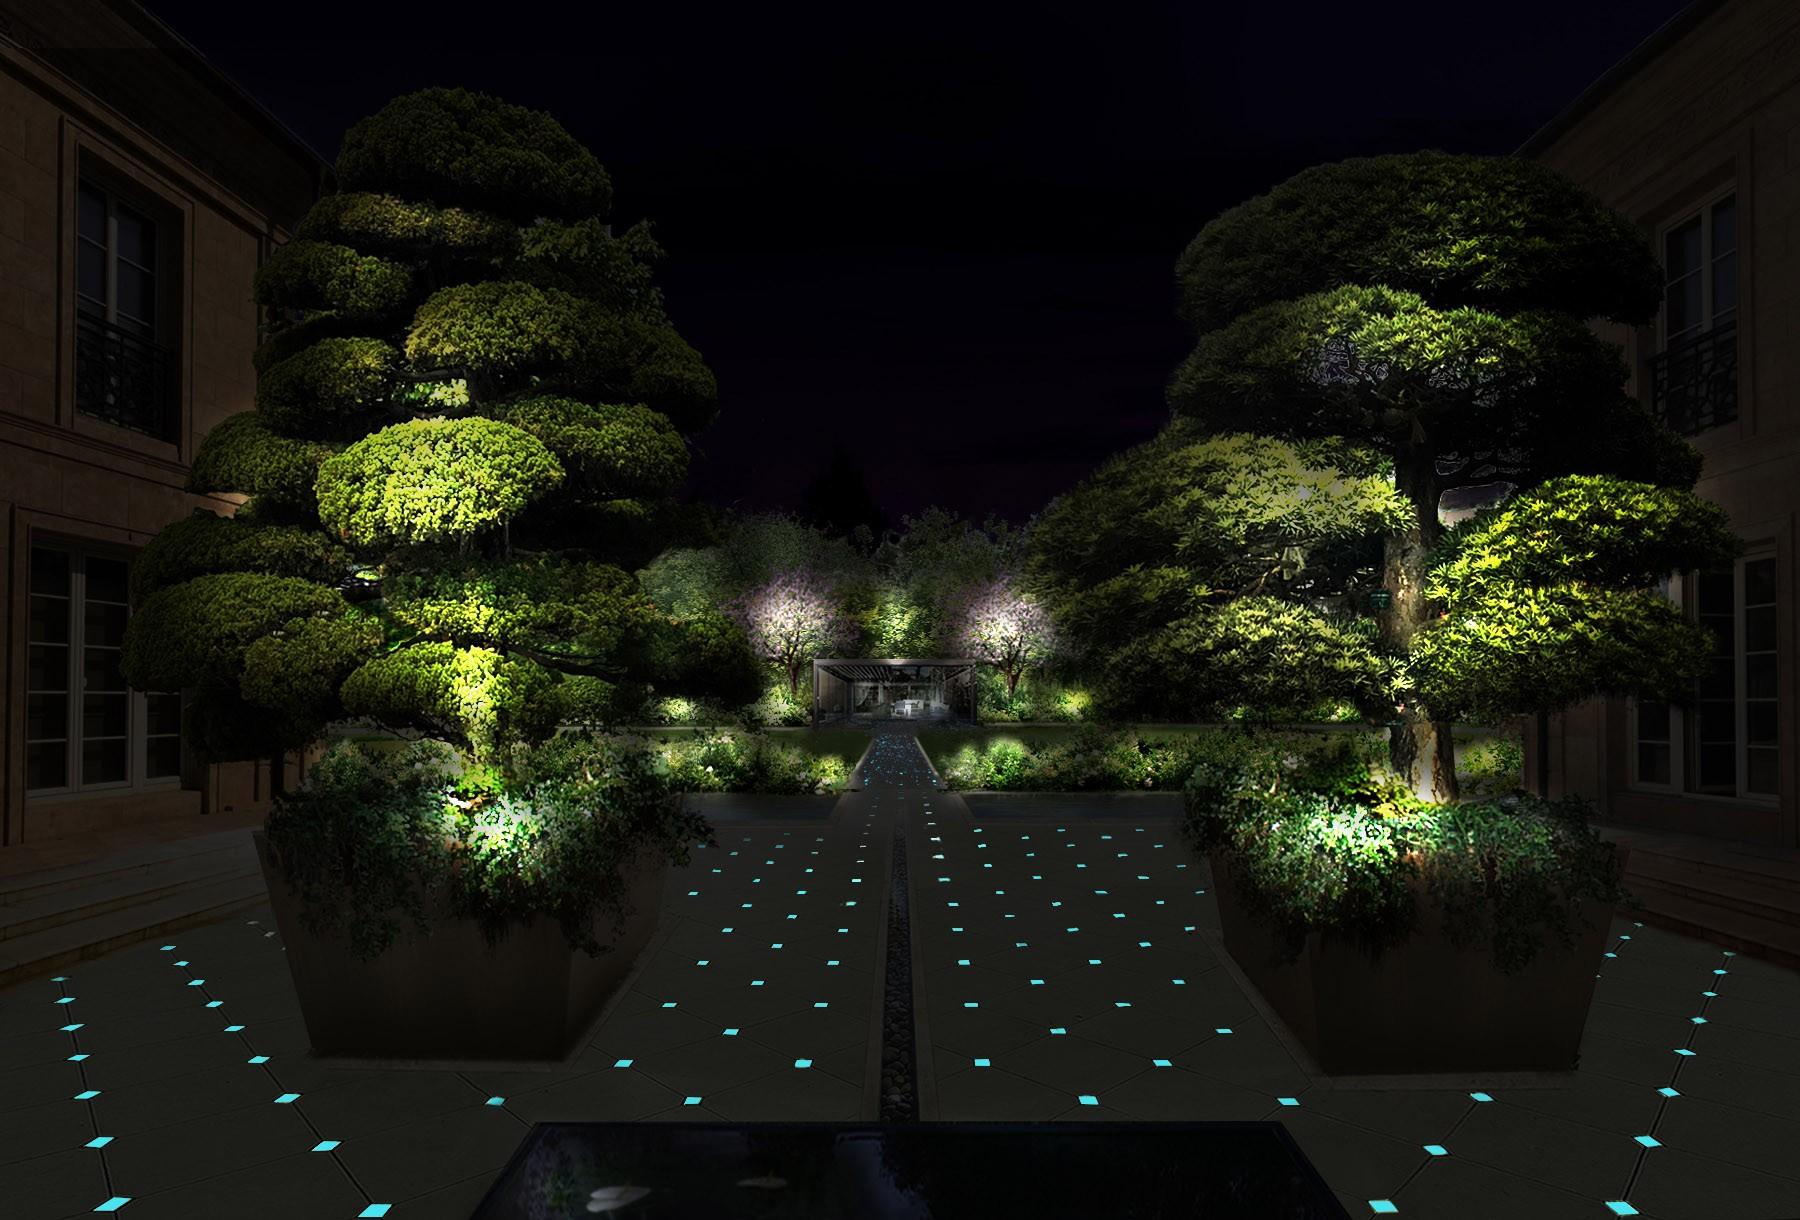 Ville gemelle - Giardini